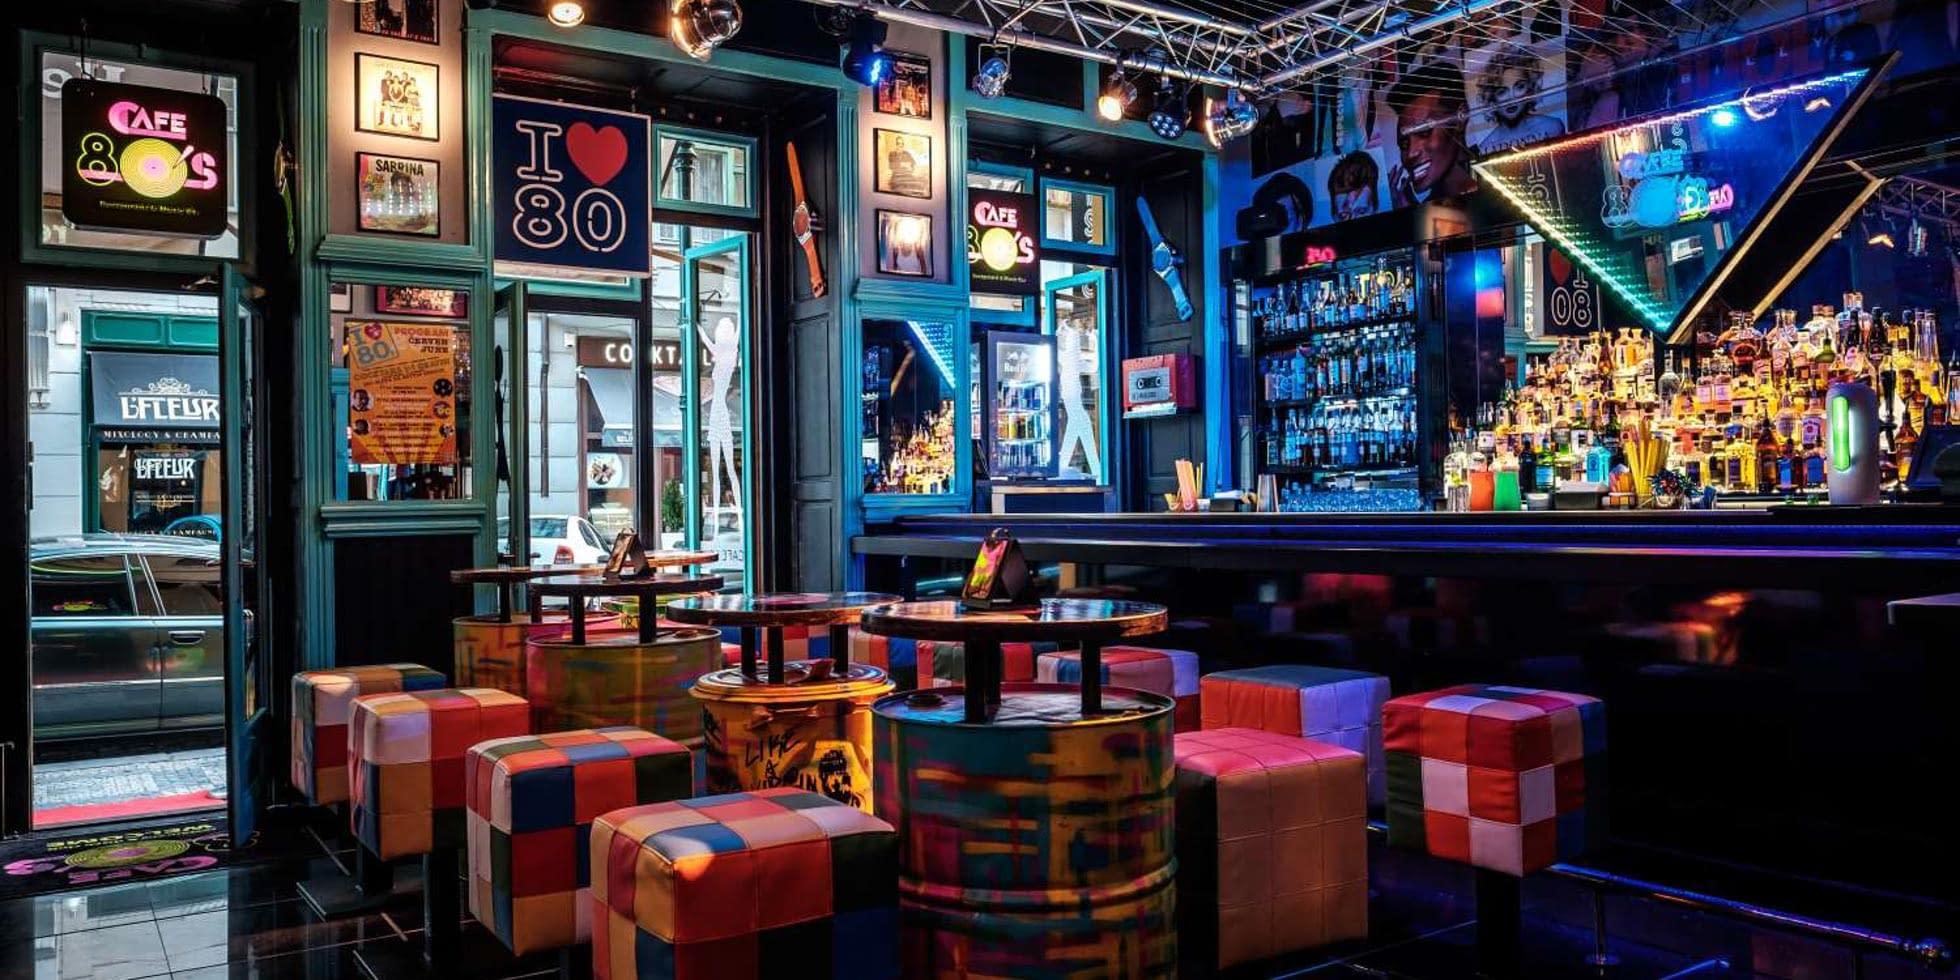 Cafe 80s interior